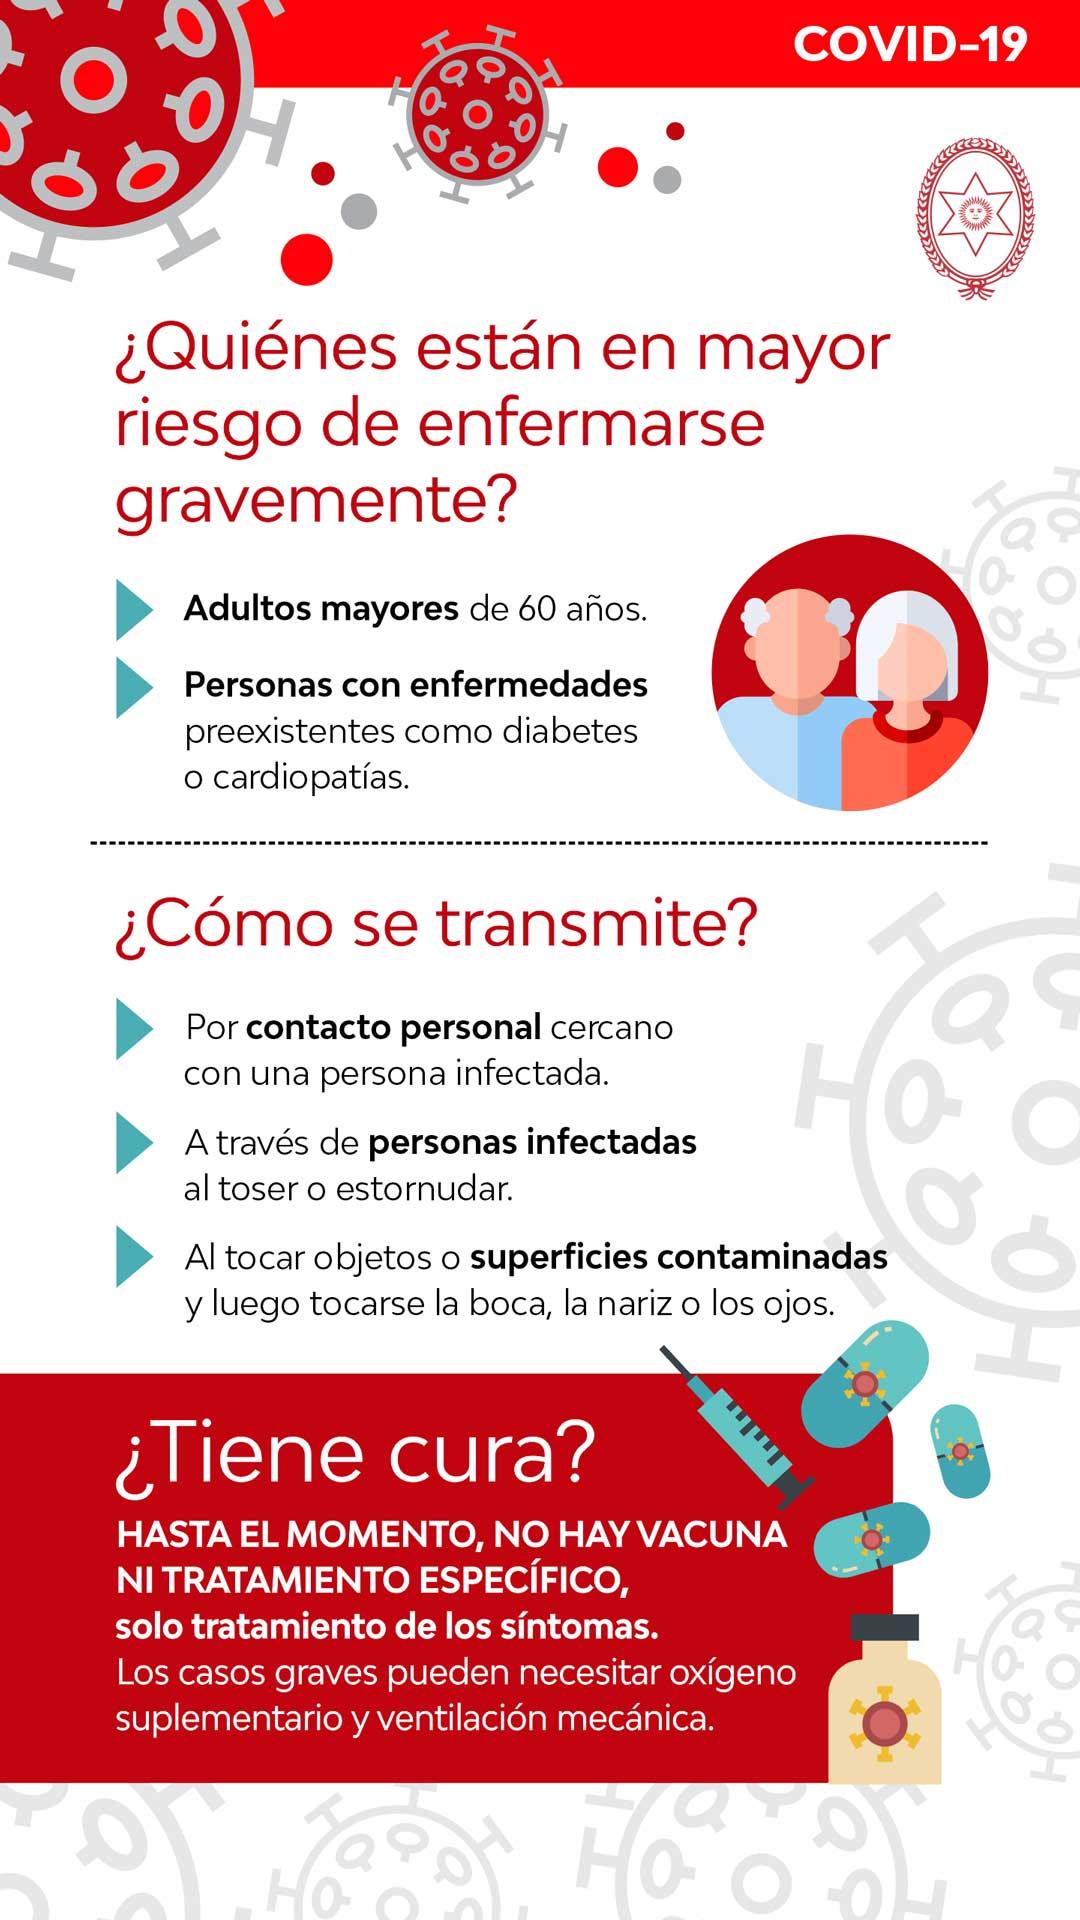 Foto de afiche riesgo, transmite y cura del COVID-19 en Salta.